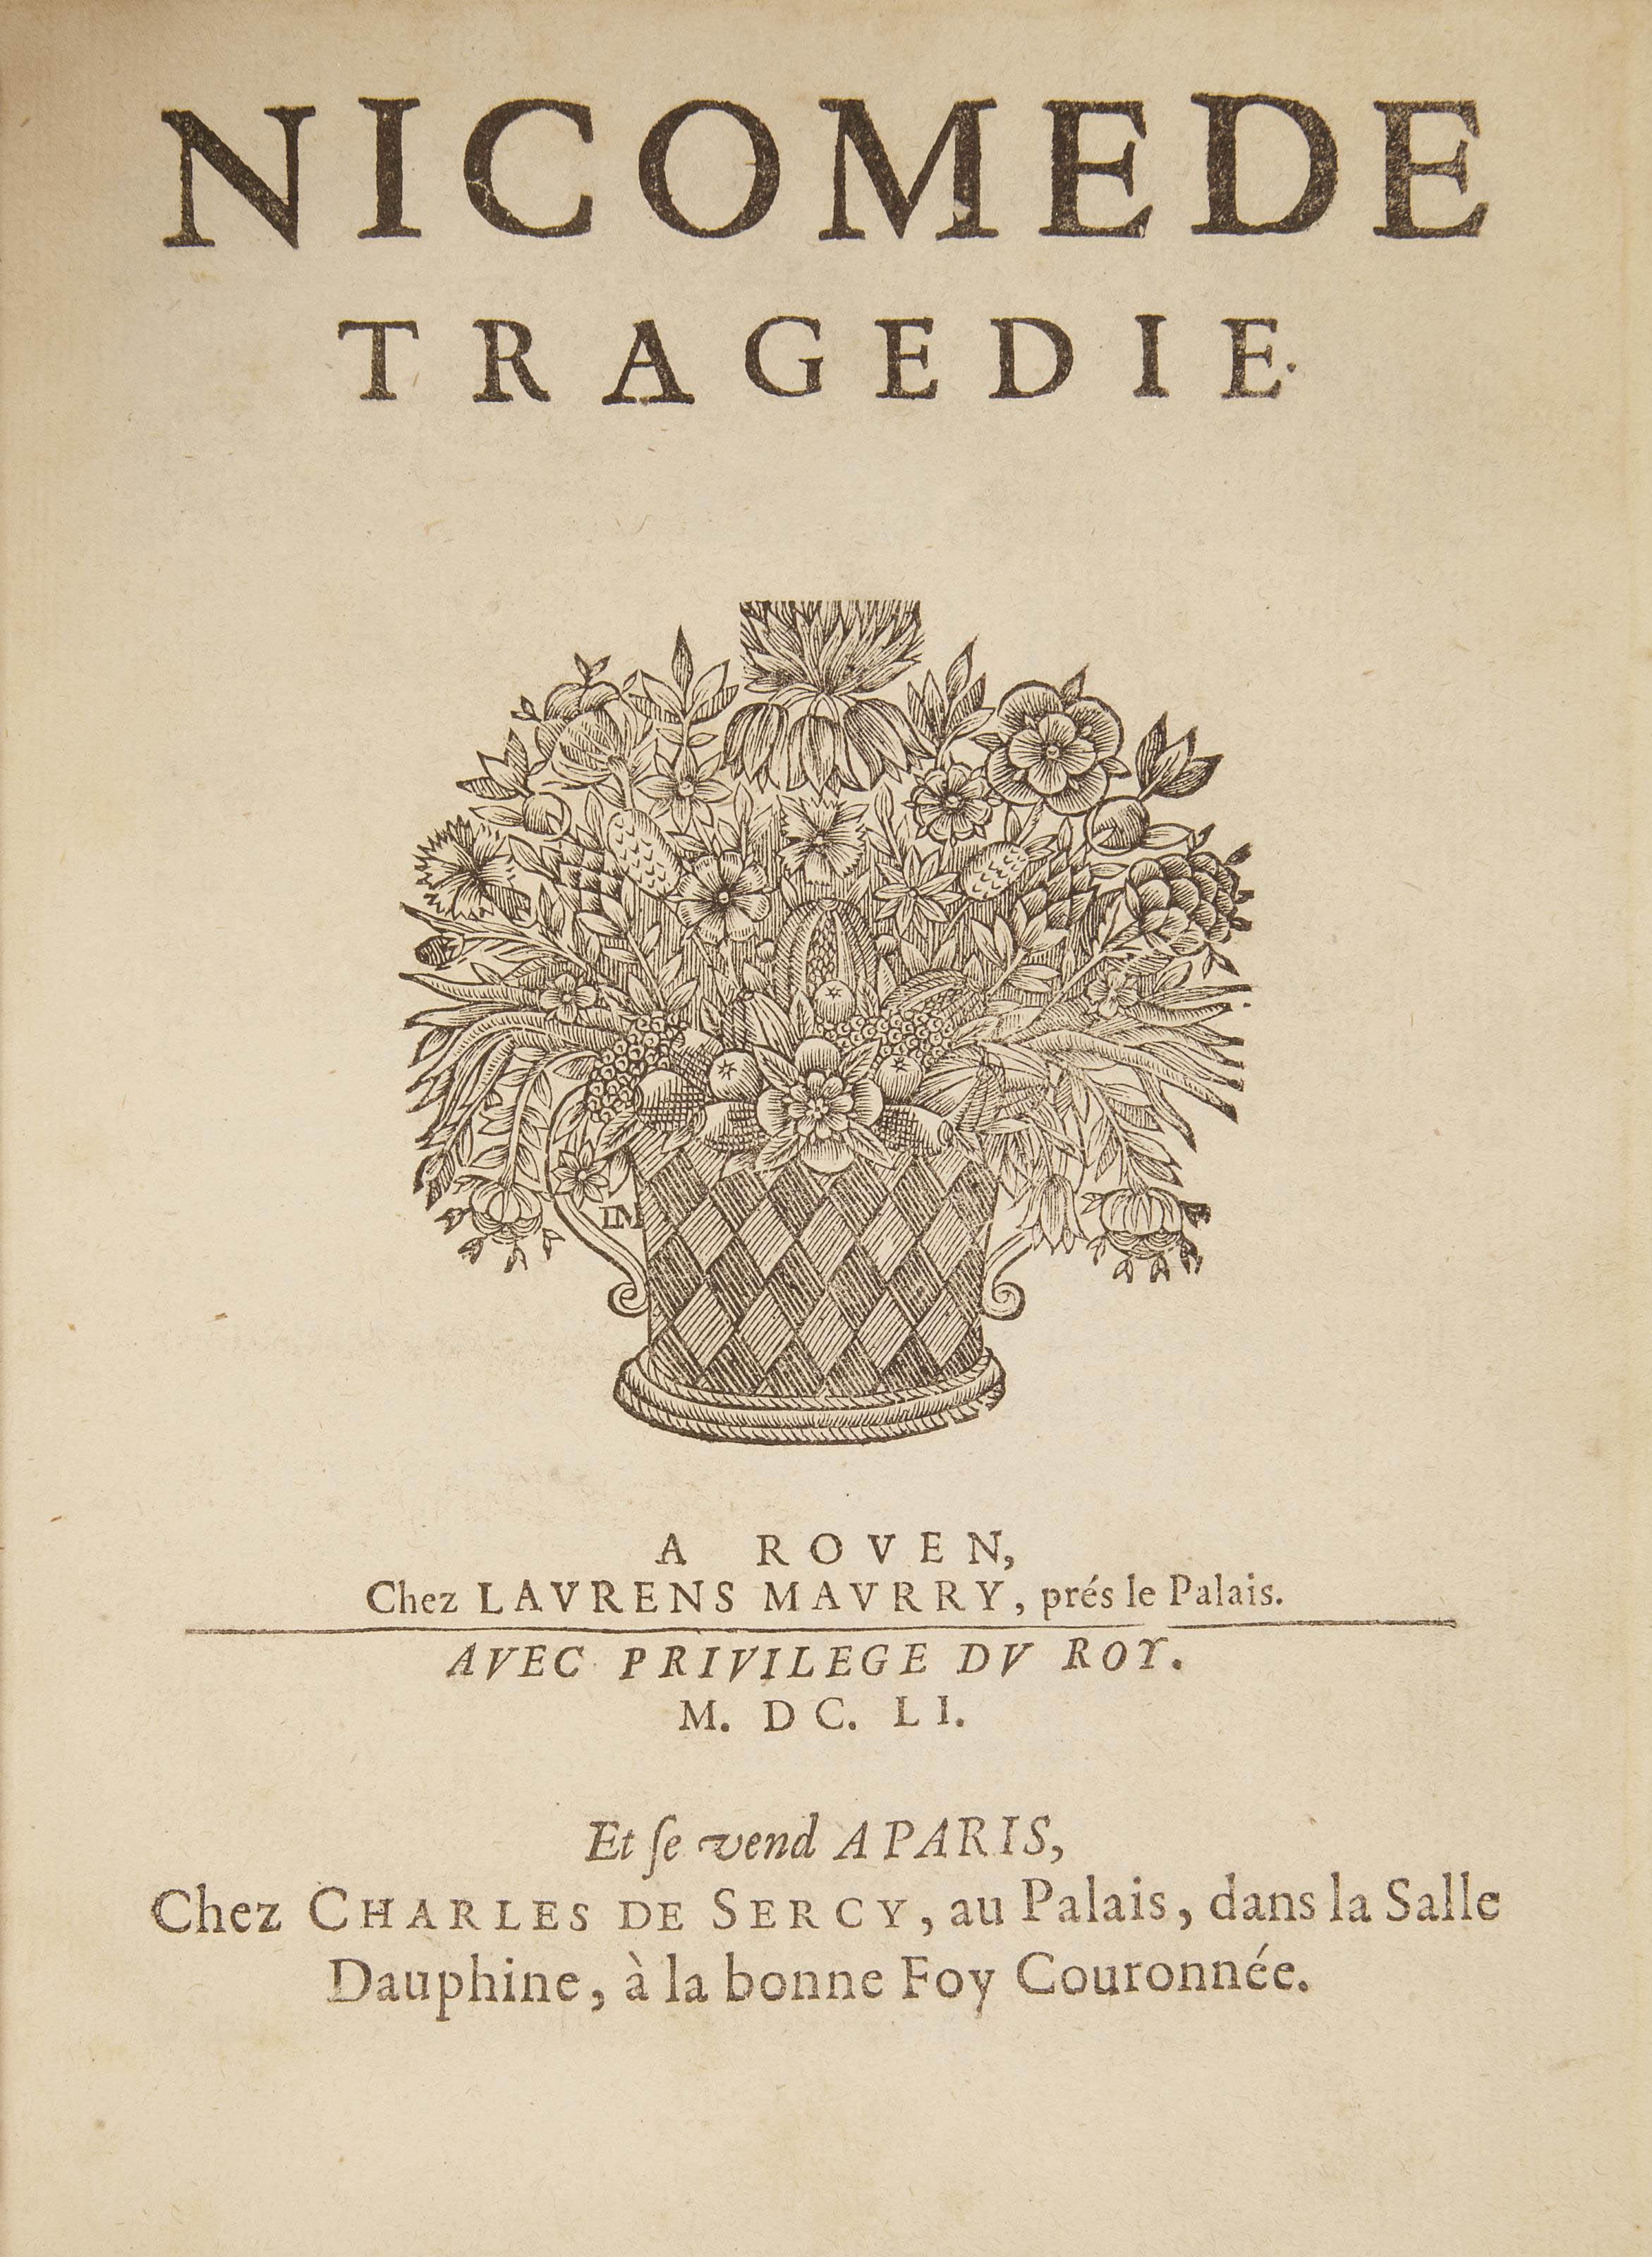 CORNEILLE, Pierre (1606-1684). Nicomède. Tragédie. Rouen: chez Laurens Maurry et à Paris: chez Charles de Sercy, 1651.